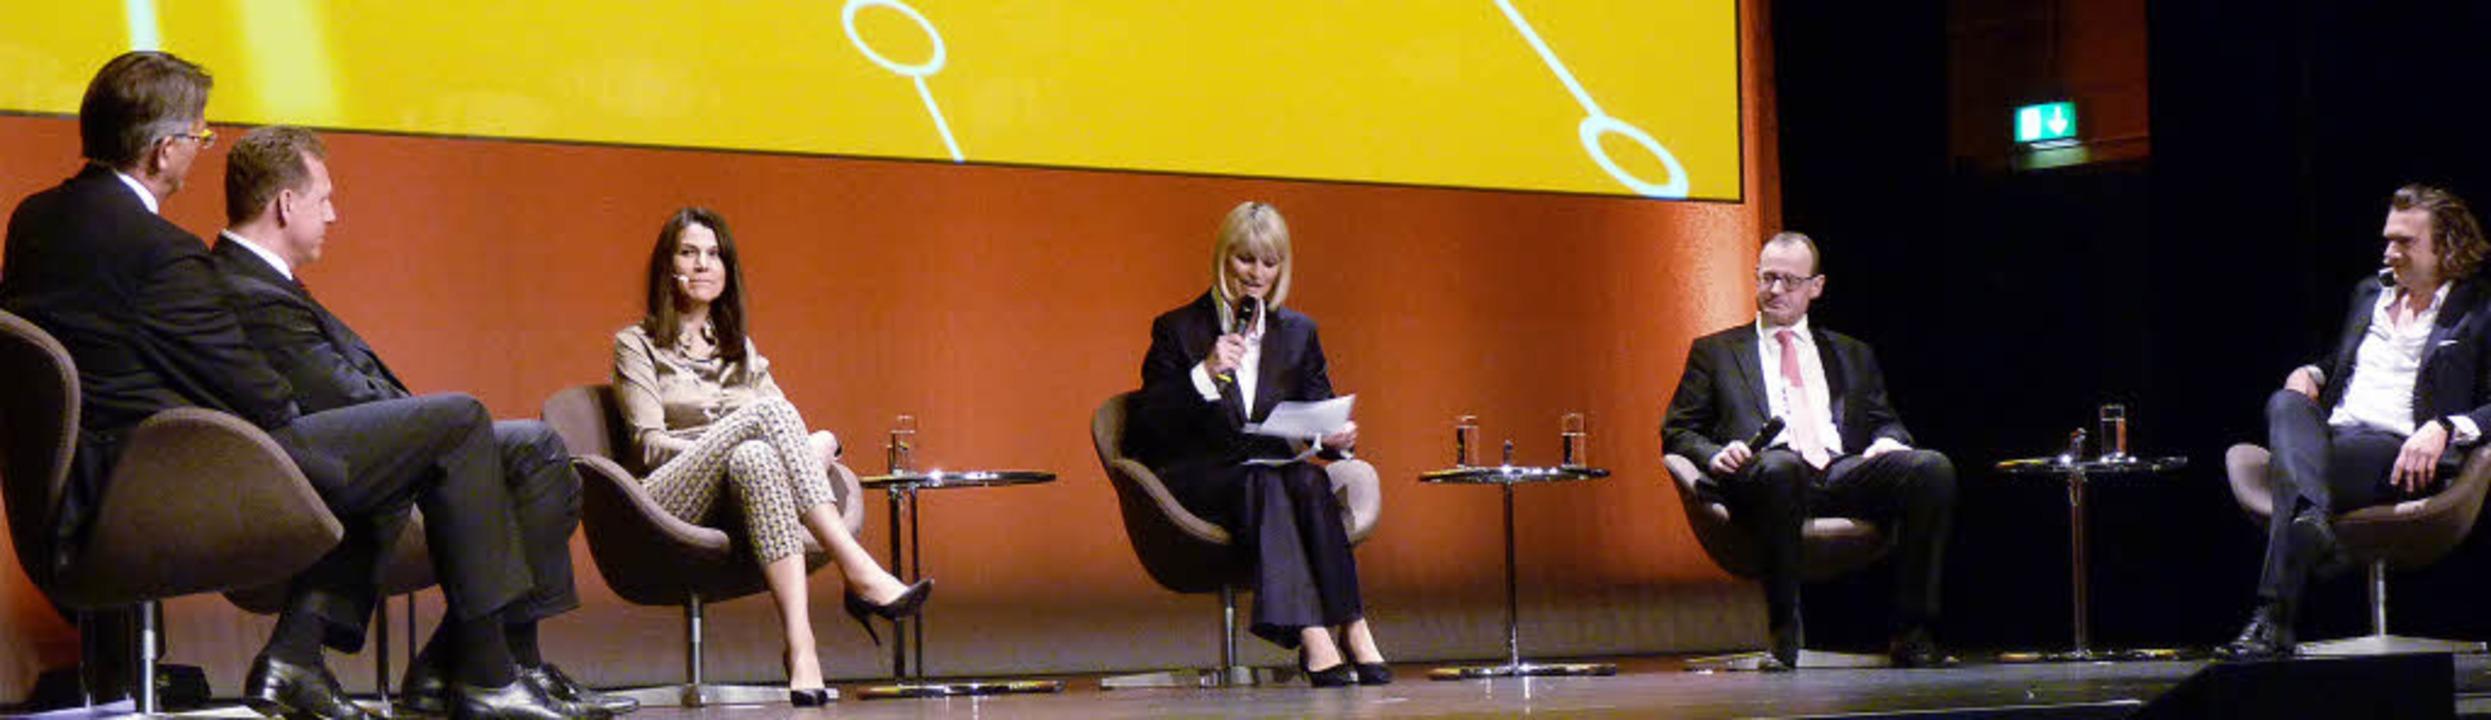 Auf dem Podium (v. l.):  Uwe Fröhlich,...ndula Gause, Roman Glaser, Nils Müller  | Foto: Cornelia Weizenecker